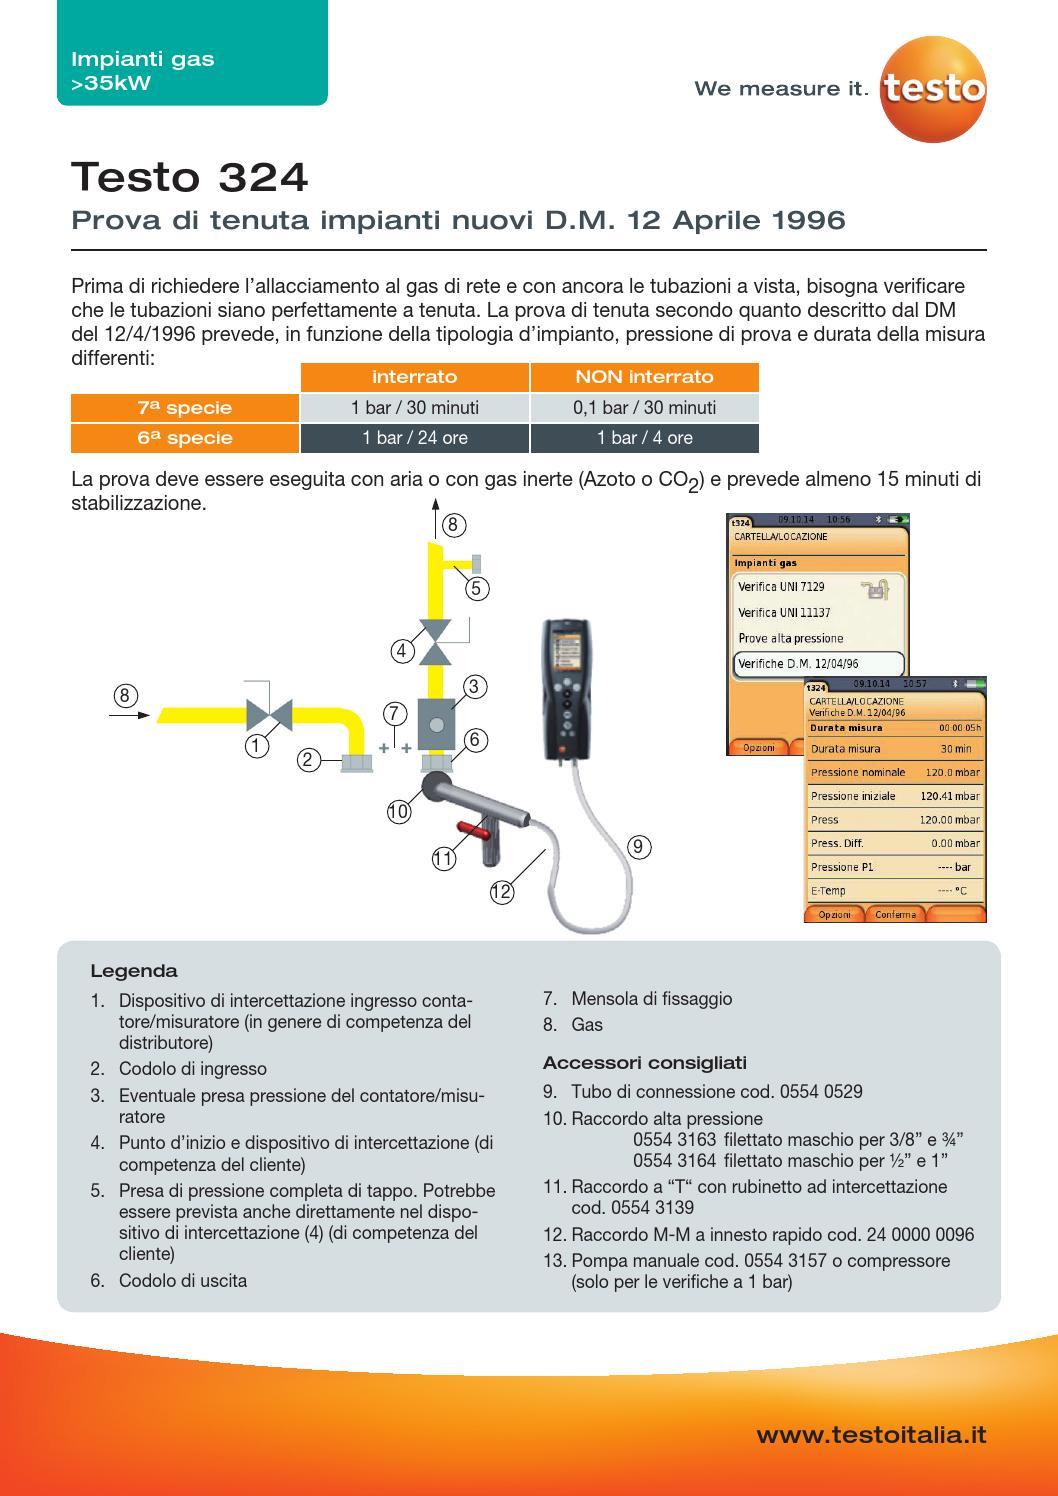 Applicazione testo 324 prova tenuta d m 12 aprile 1996 by testo spa issuu - Tubo gas interrato ...